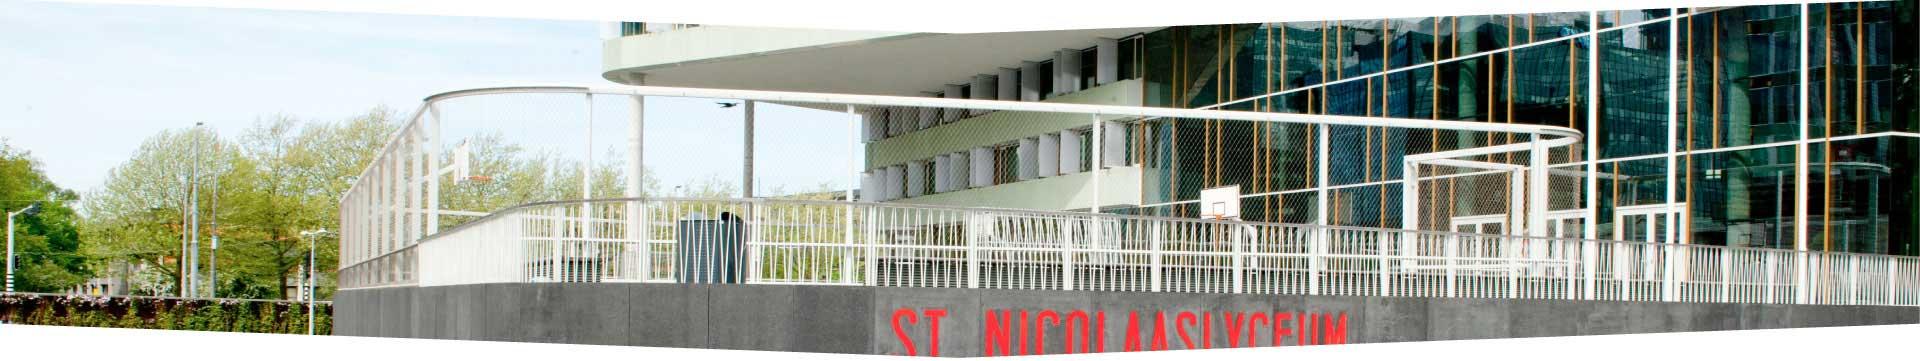 Hekwerk St Nicolaas Lyceum door Ovec Multiservice